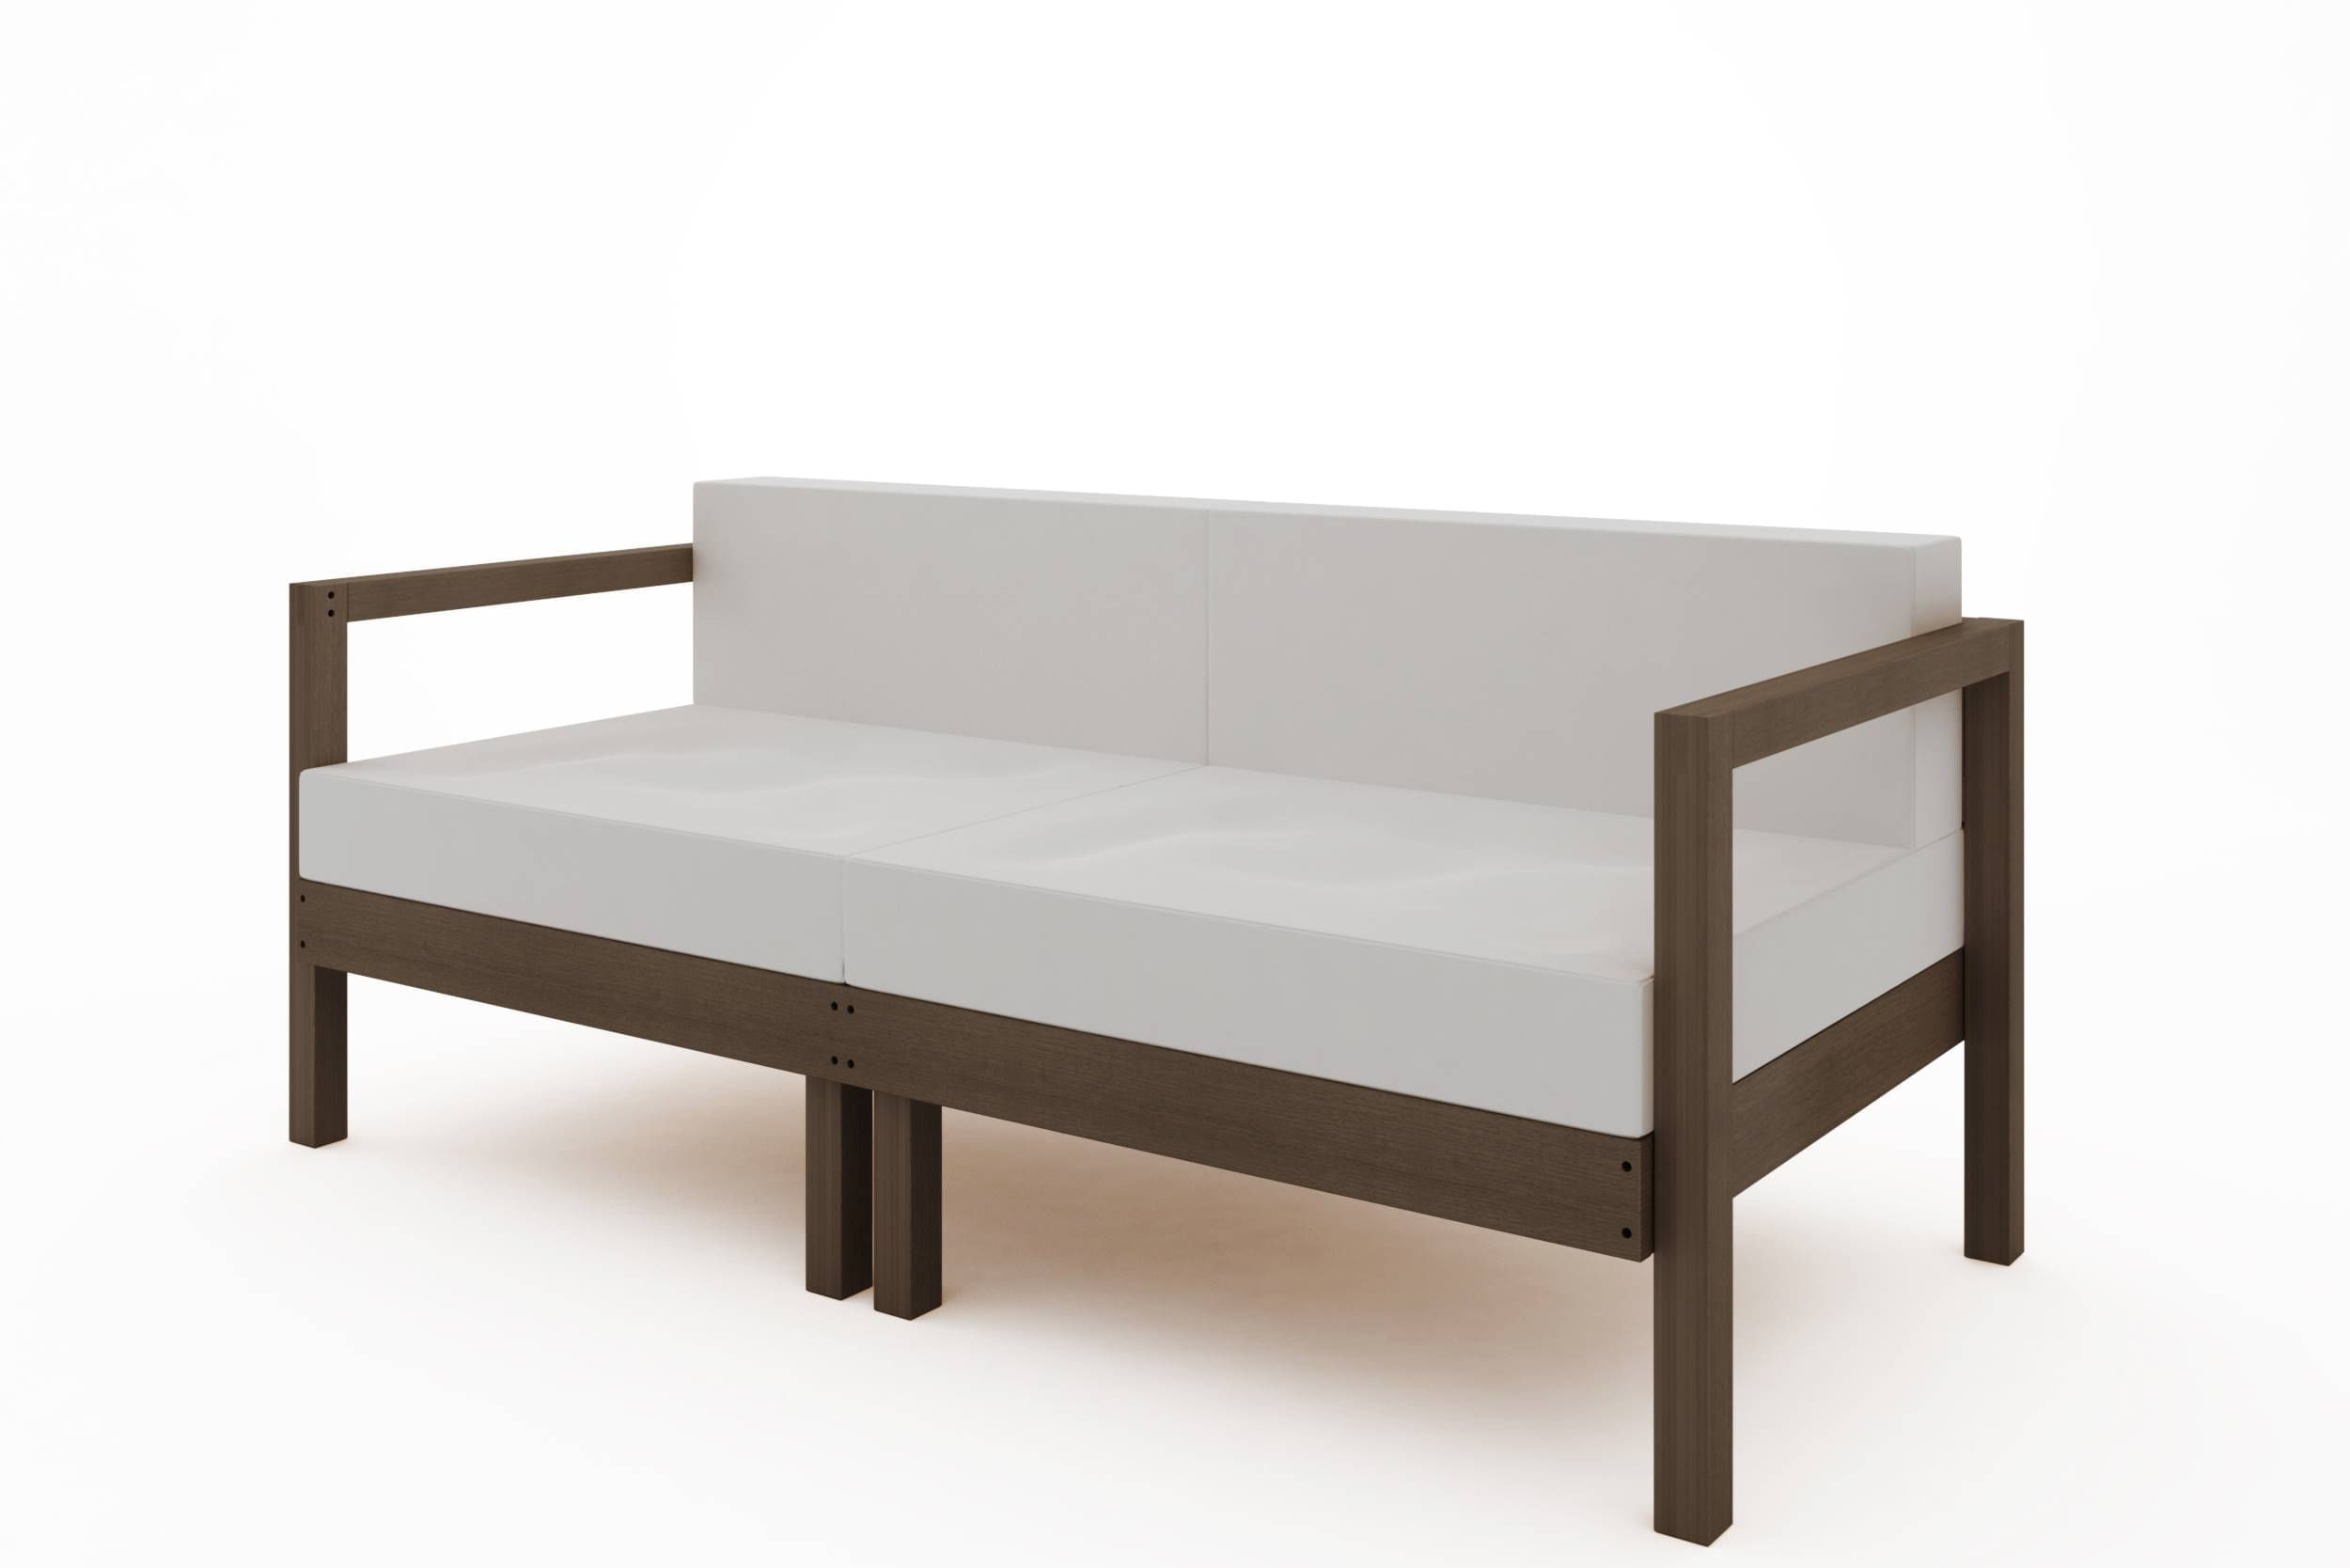 Sofa Componivel Lazy 2 Lugares Estrutura Nogueira + Almofadas 169cm - 61386